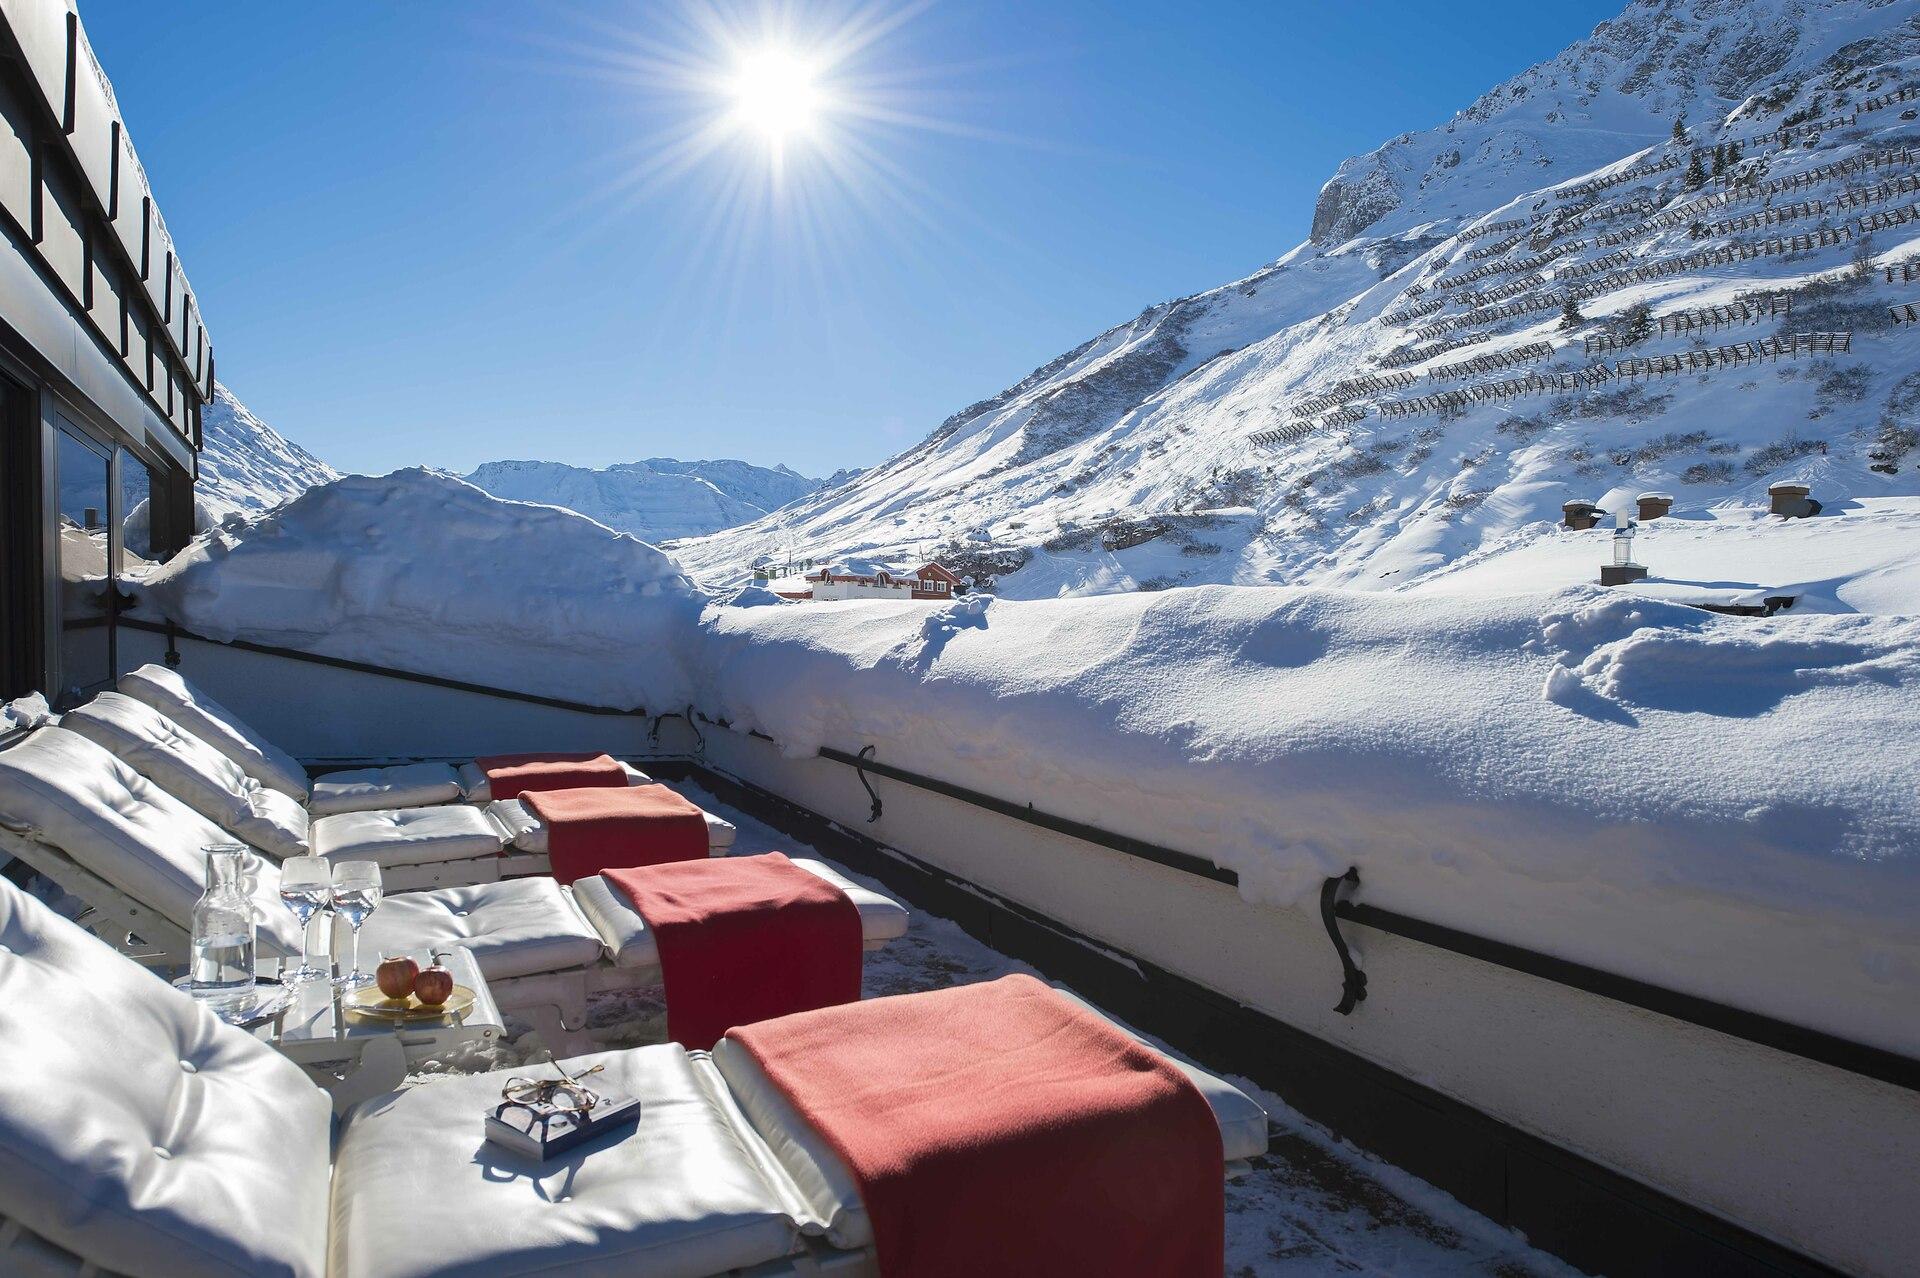 Dachterrasse des Hotels mit Ausblick auf die schneebedeckten Berge bei Sonnenschein